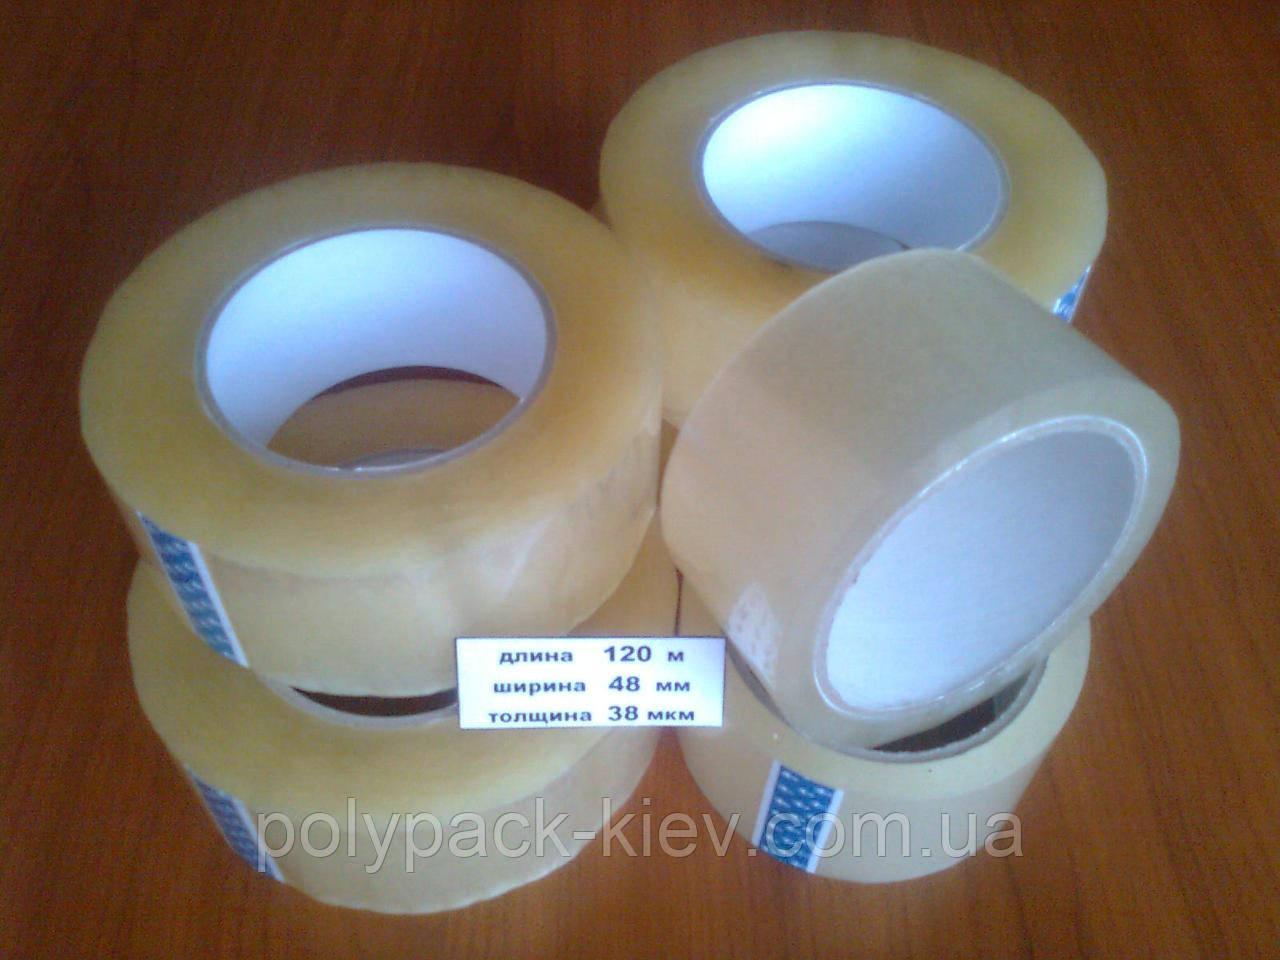 Скотч 120 метрів /48 мм/38 мкм прозорий пакувальний міцний, клейка стрічка універсальна, пакувальна купити